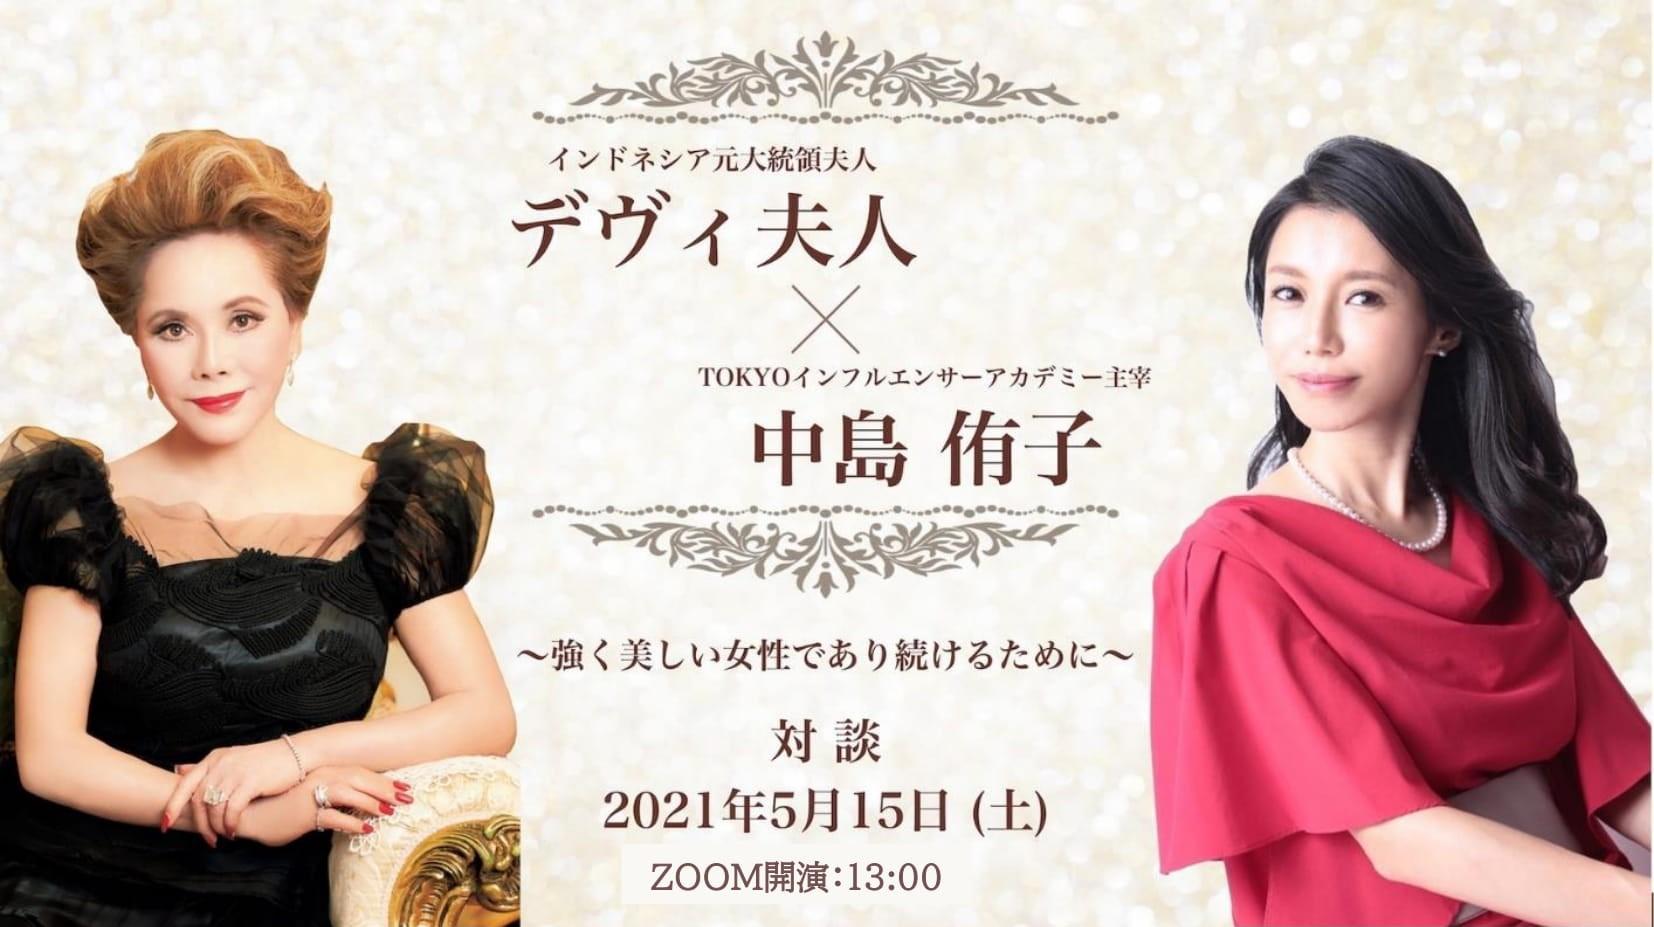 「強く美しい女性であり続けるために」デヴィ夫人×中島侑子 対談